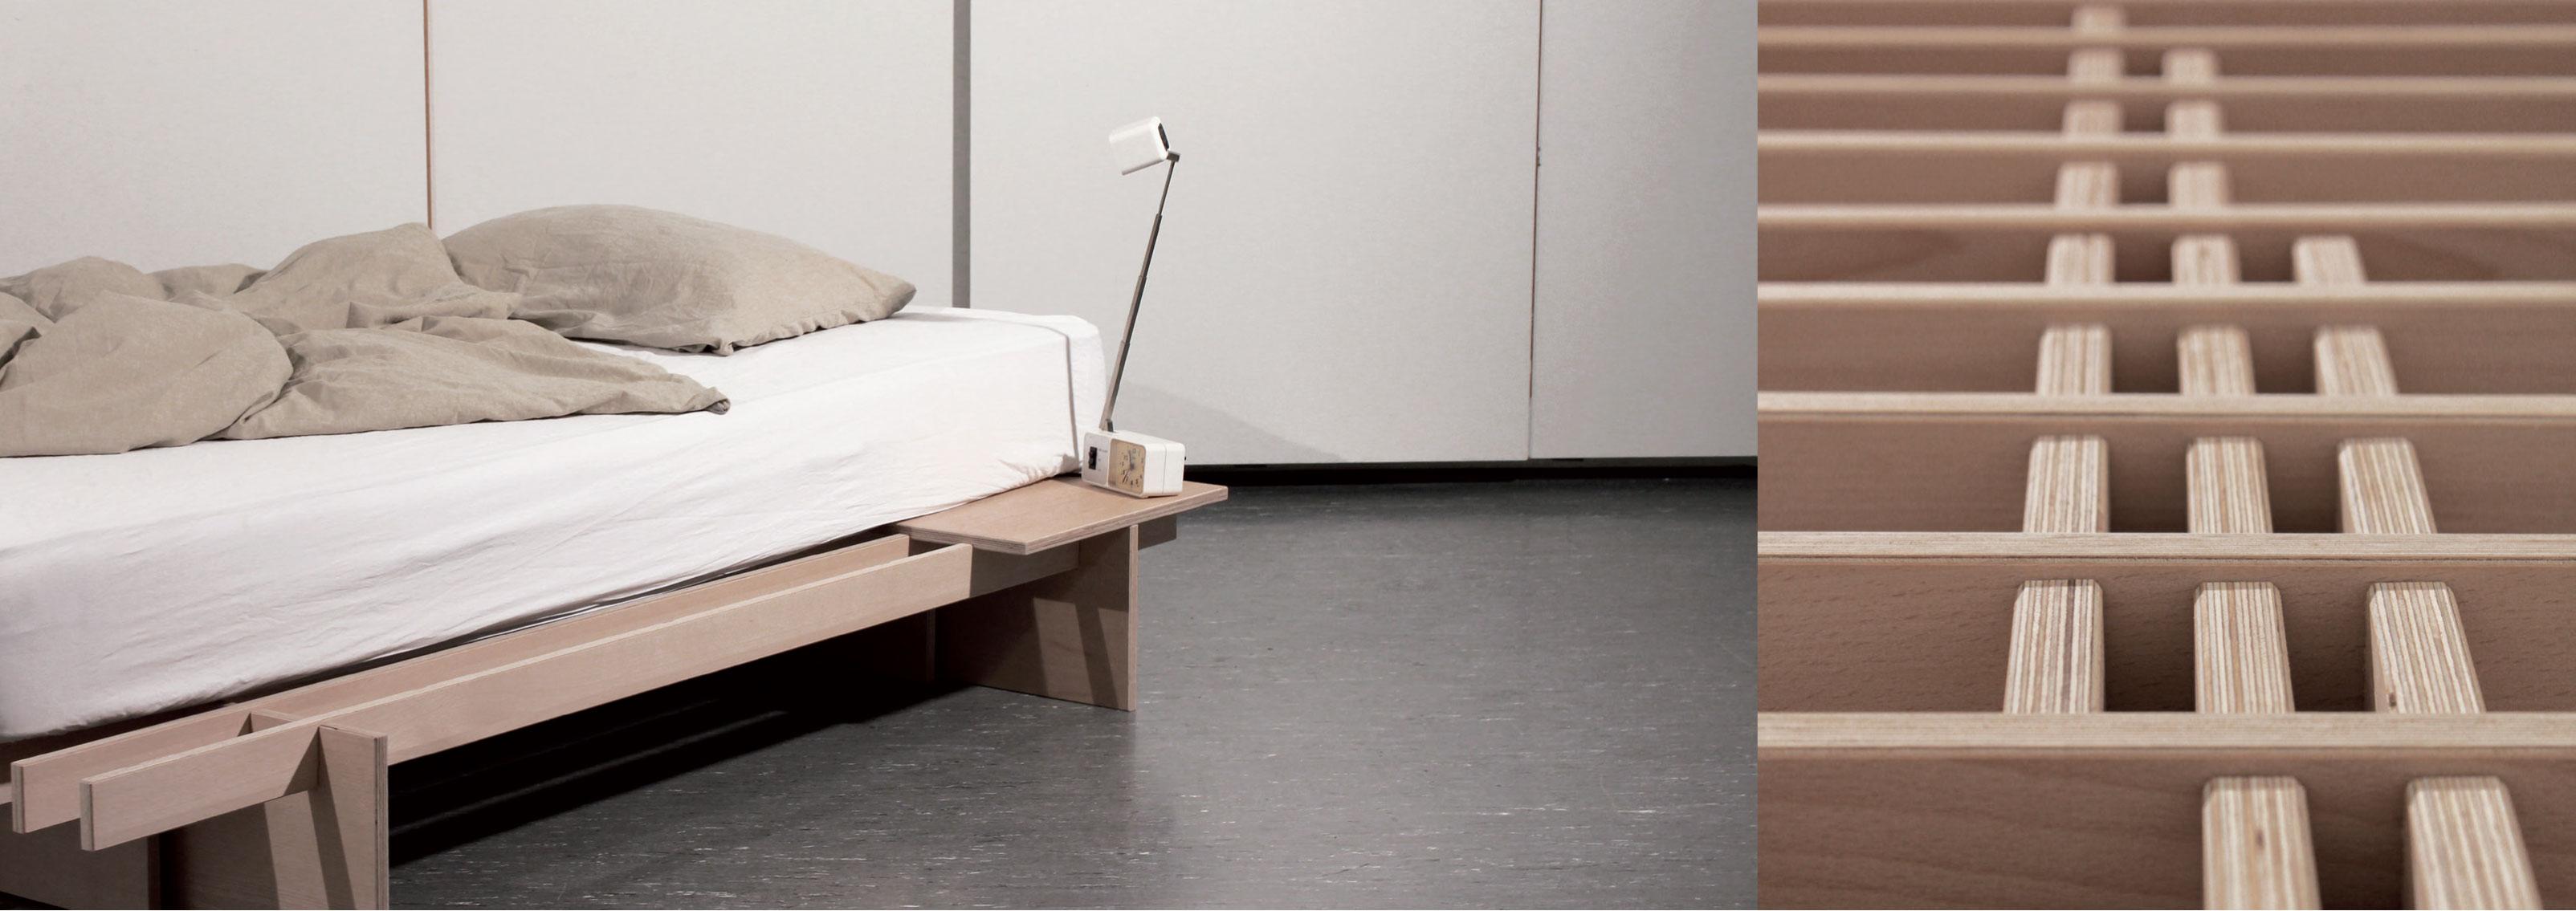 letto Dogo design ecologico doghe legno giapponese naturale (1) - Onfuton